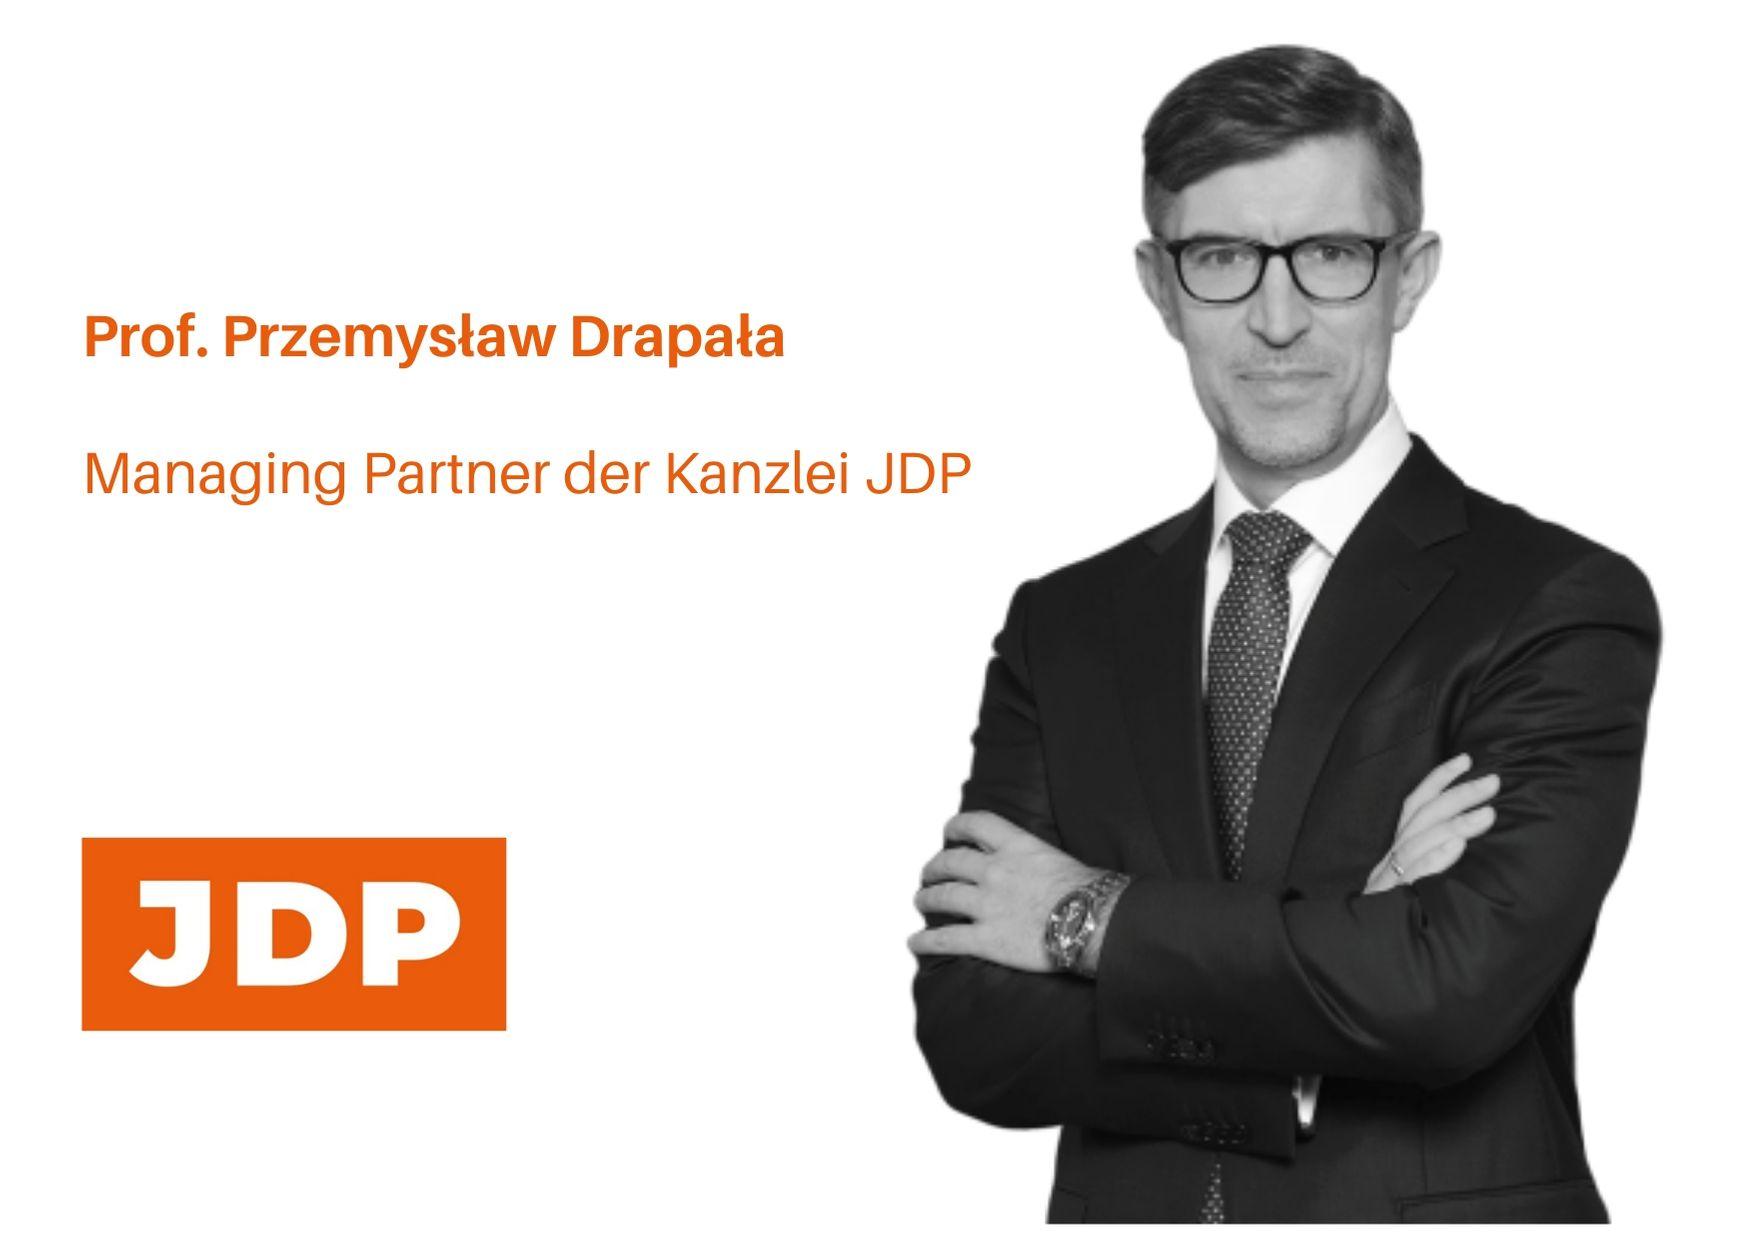 Prof. Przemysław Drapała – Managing Partner der Kanzlei JDP